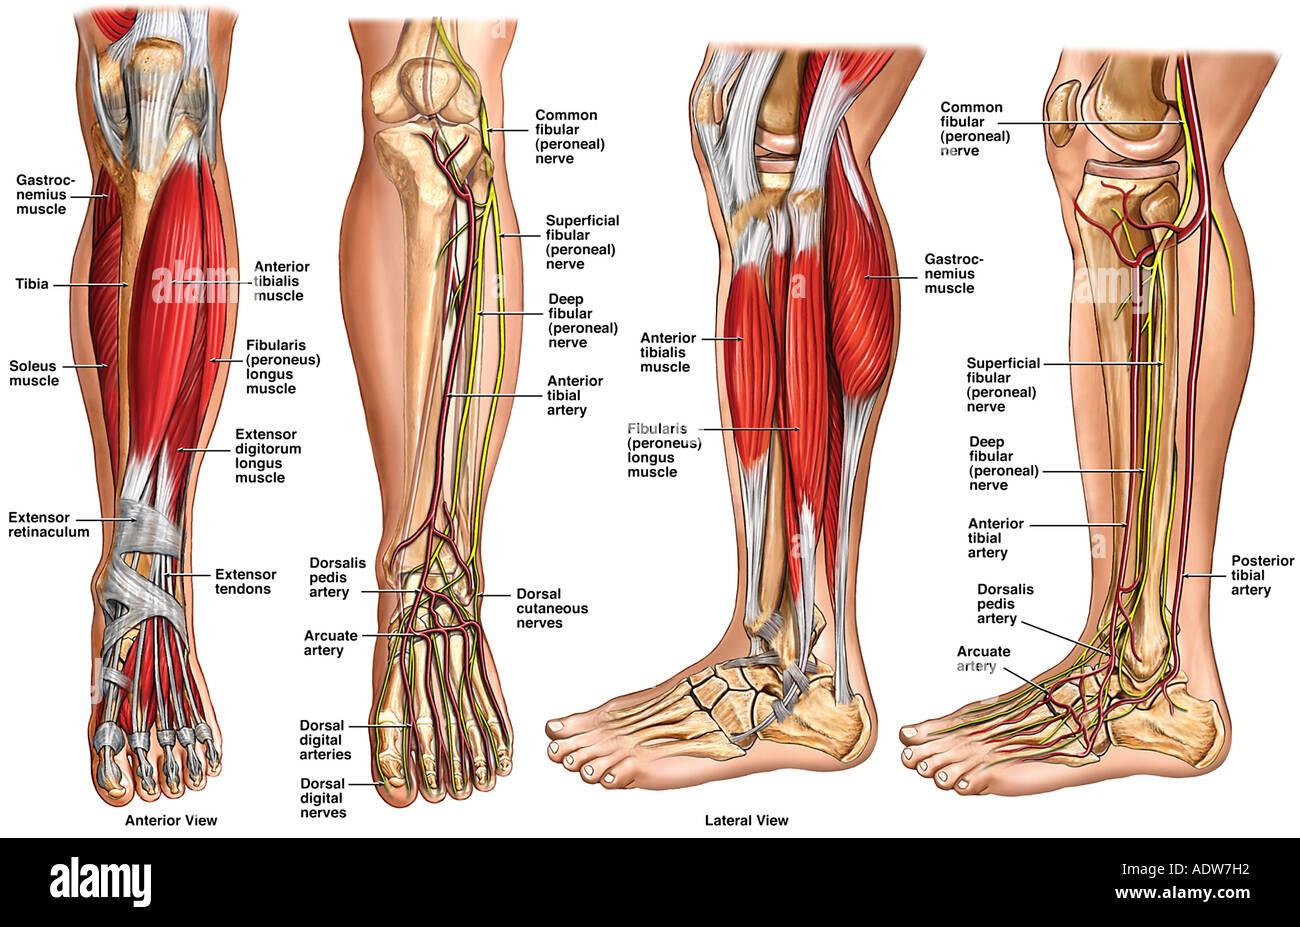 Anatomie des Unterschenkels Stockfoto, Bild: 7712337 - Alamy